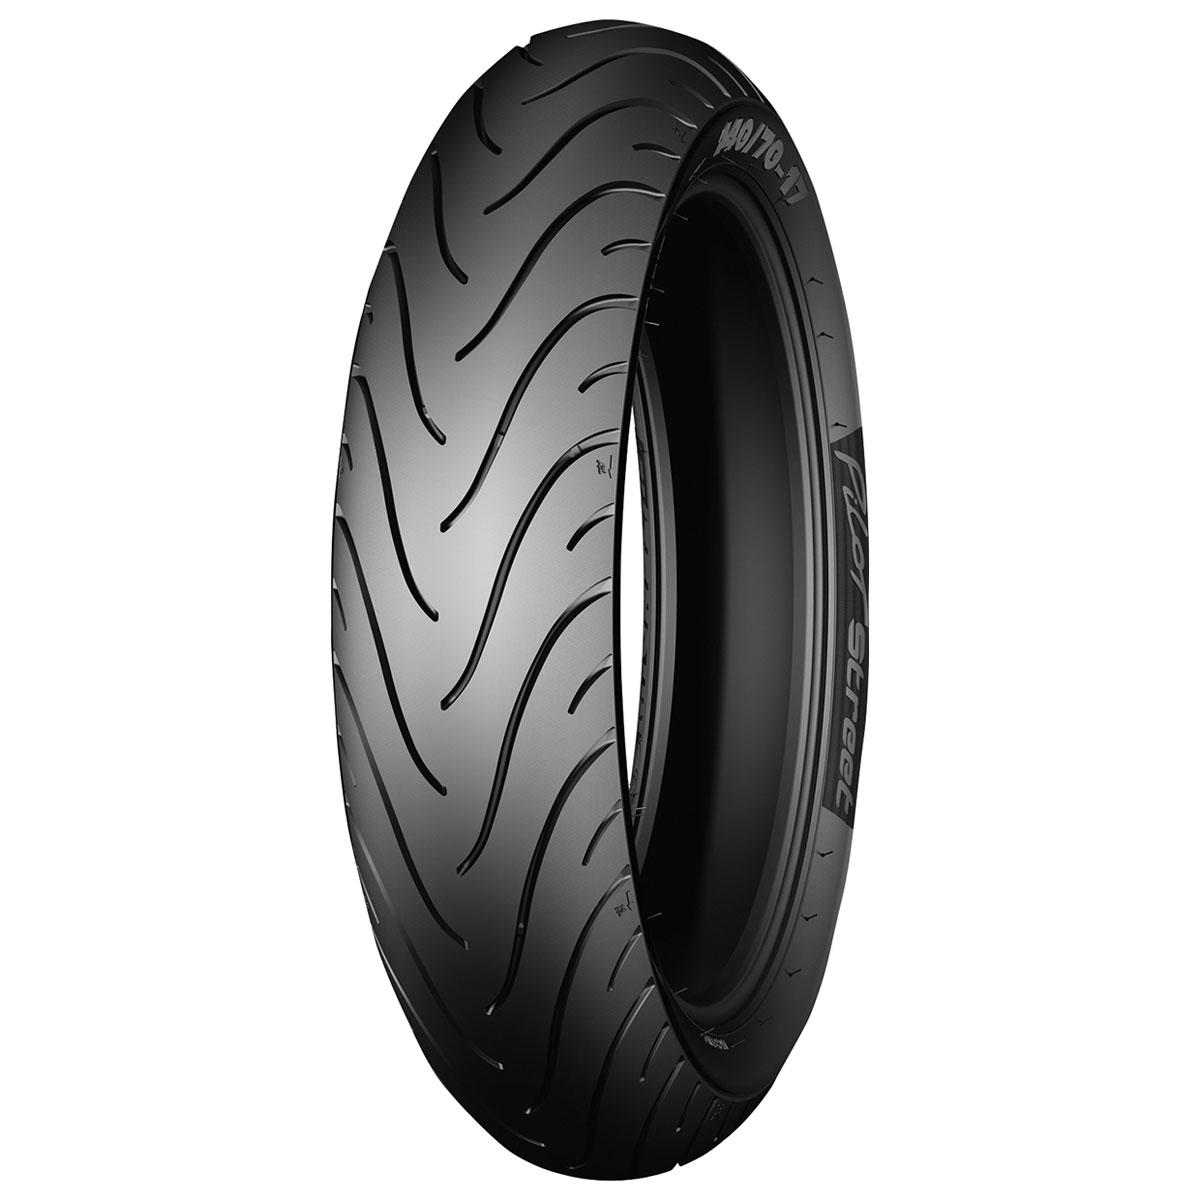 Michelin Pilot Street 130/70-17 Rear Tire